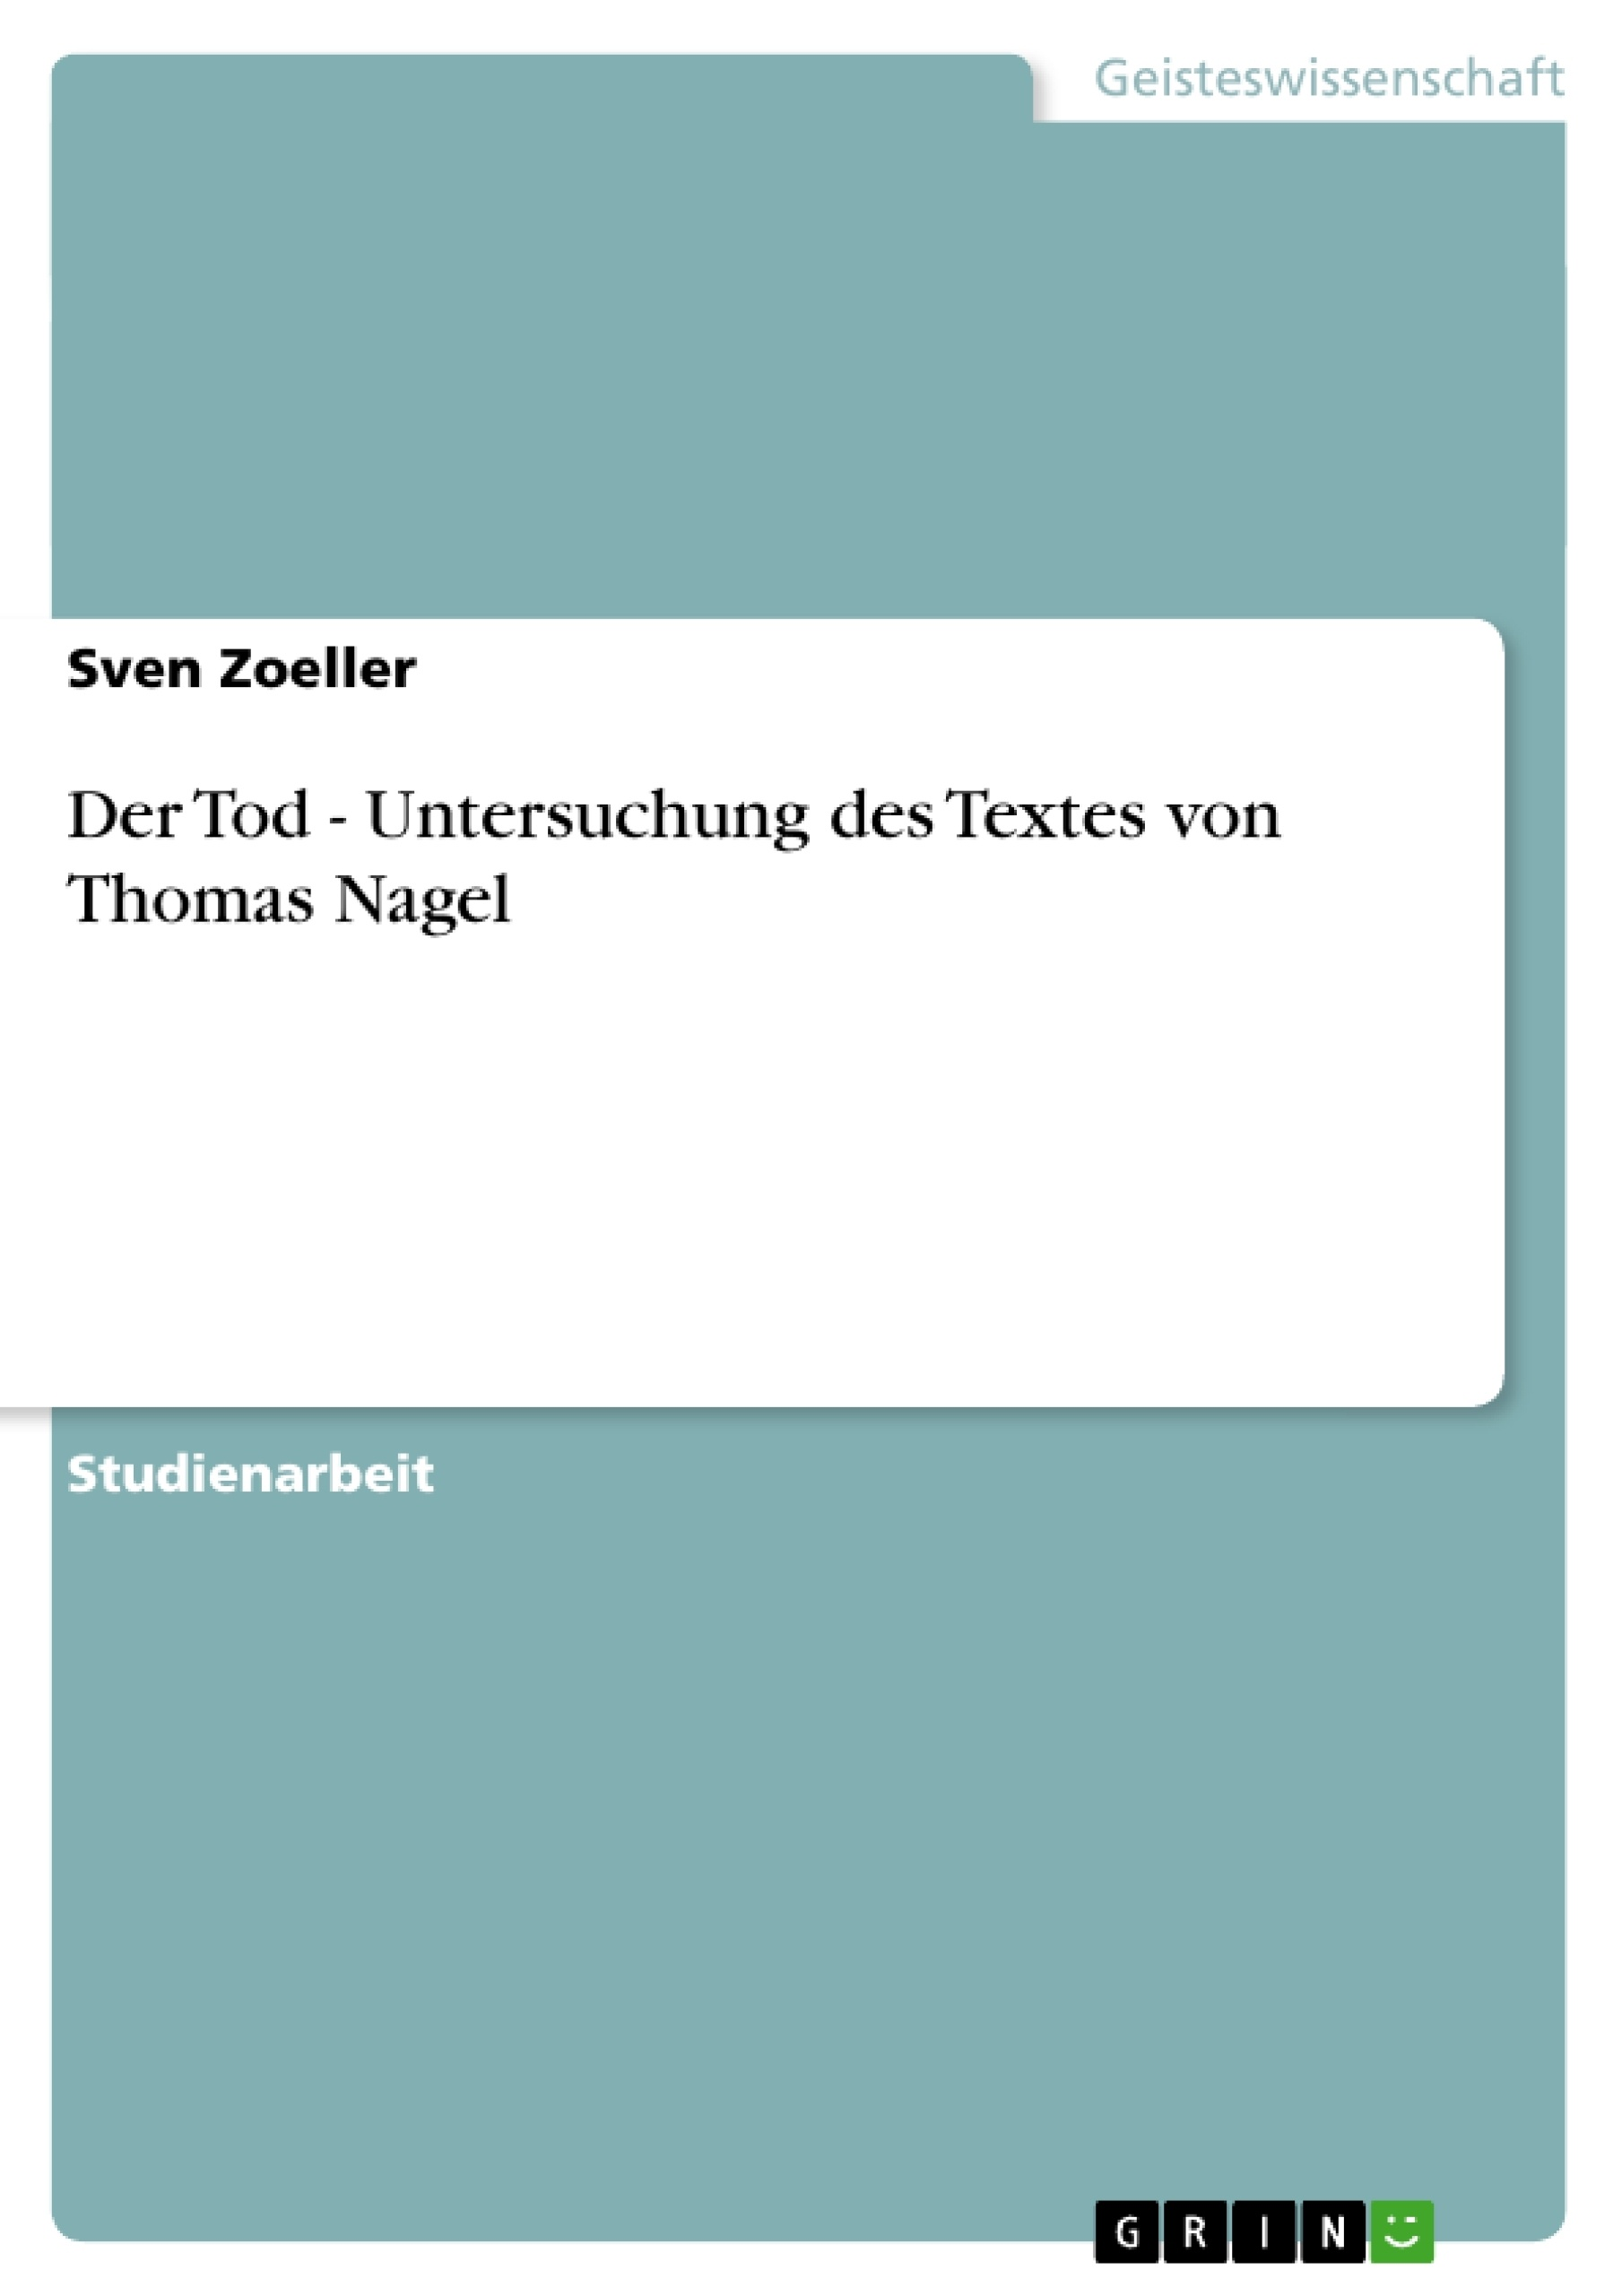 Titel: Der Tod - Untersuchung des Textes von Thomas Nagel